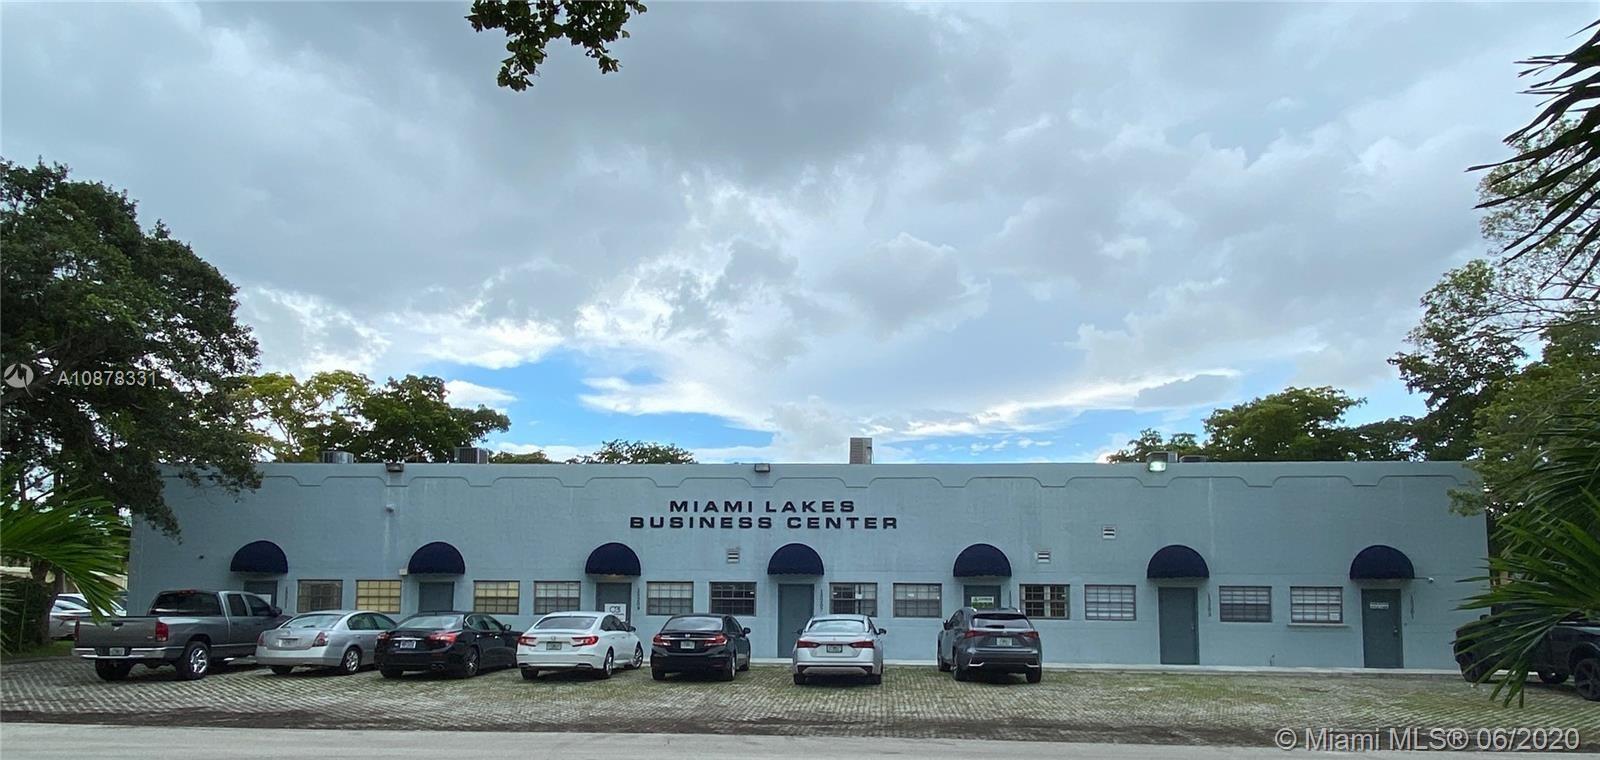 15201-21  15201 NW 60th Ave, Miami Lakes, FL 33014